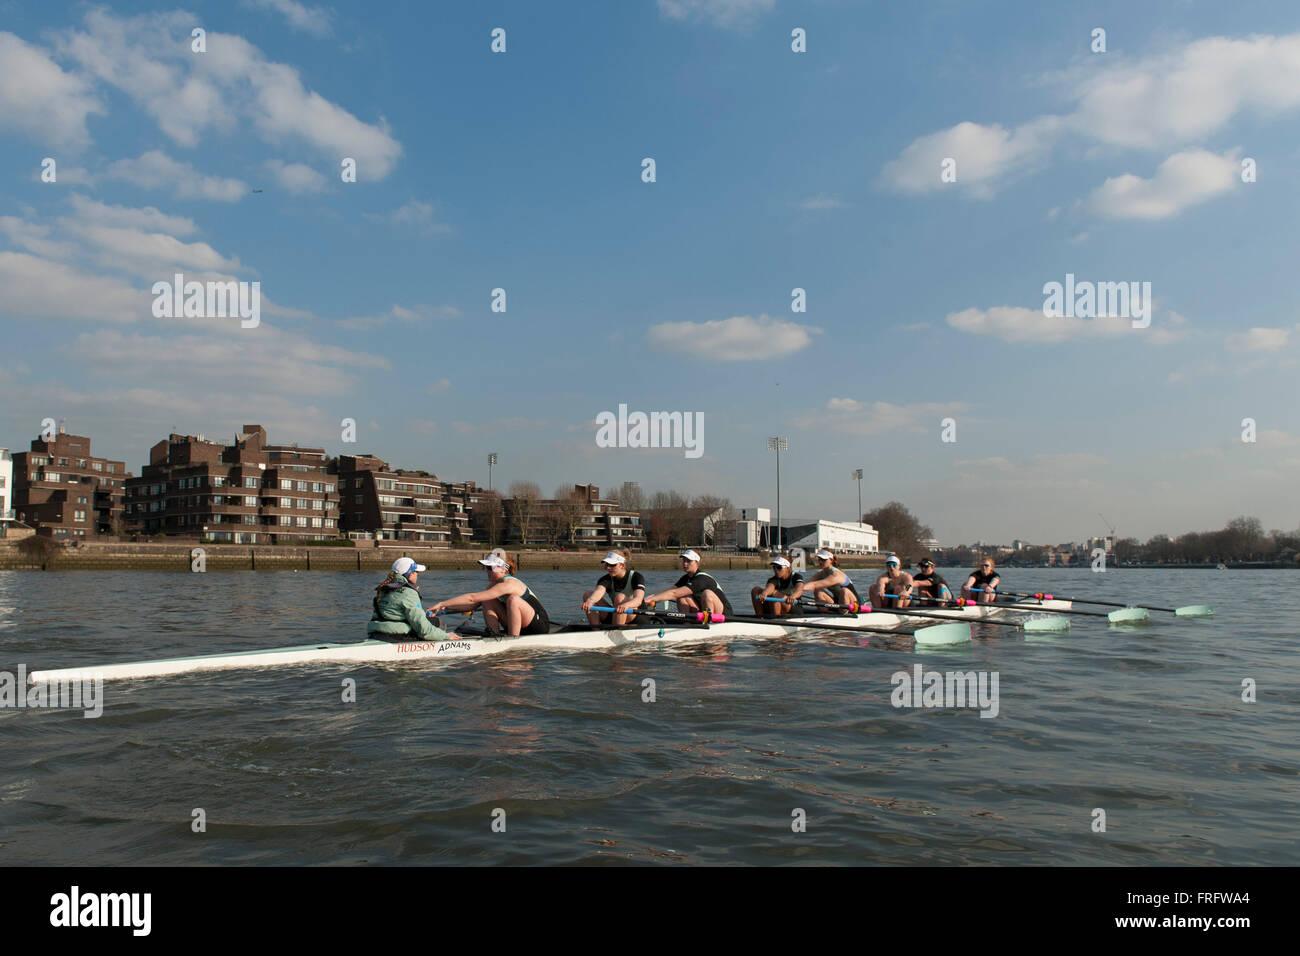 London, UK. 22nd March, 2016.    Stephen Bartholomew/Stephen Bartholomew Photography.  Tideway Week Media Outing. - Stock Image